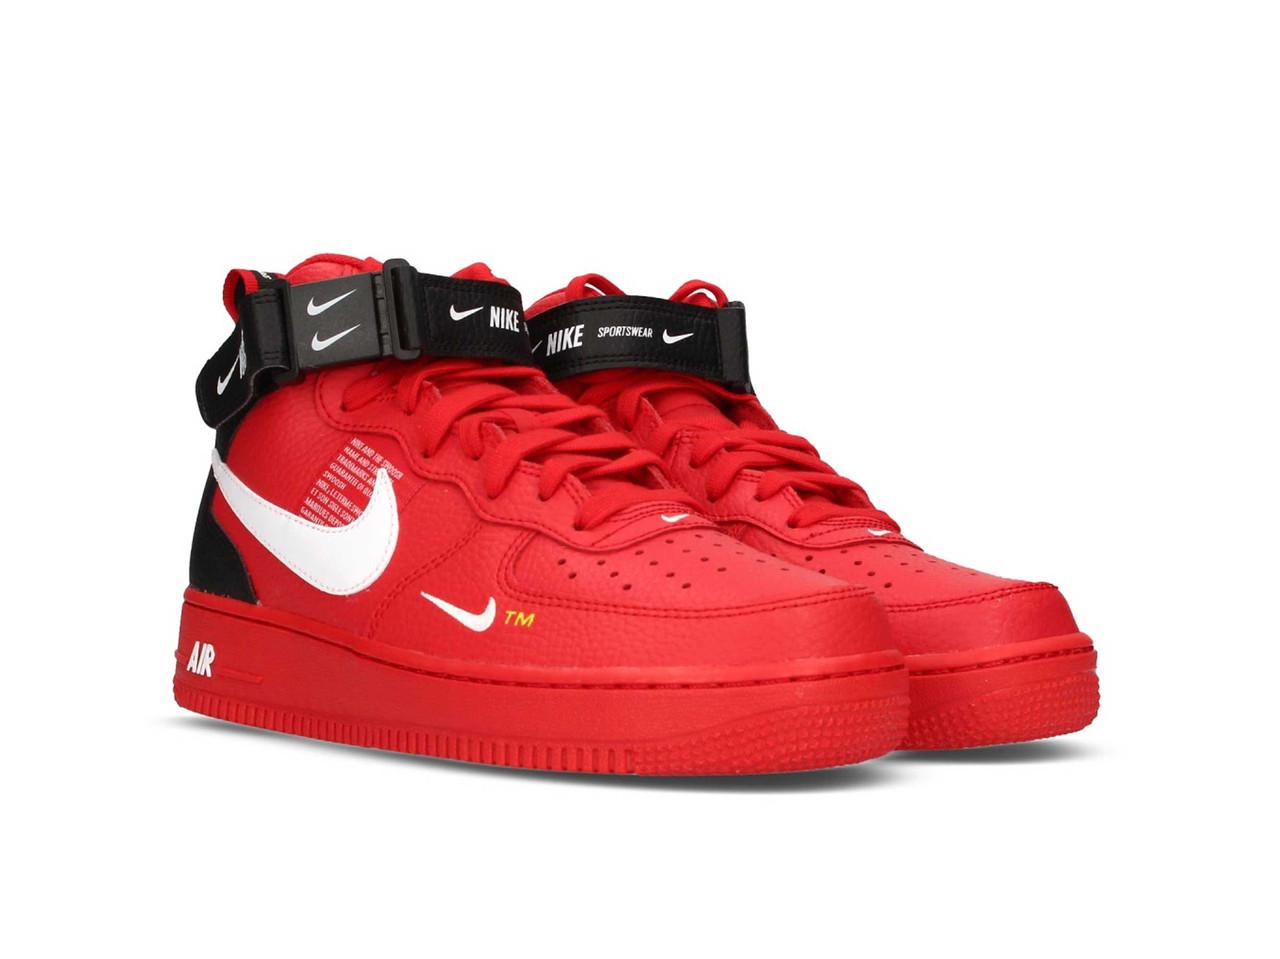 Кроссовки Nike Air Force 1 TM Red, красные